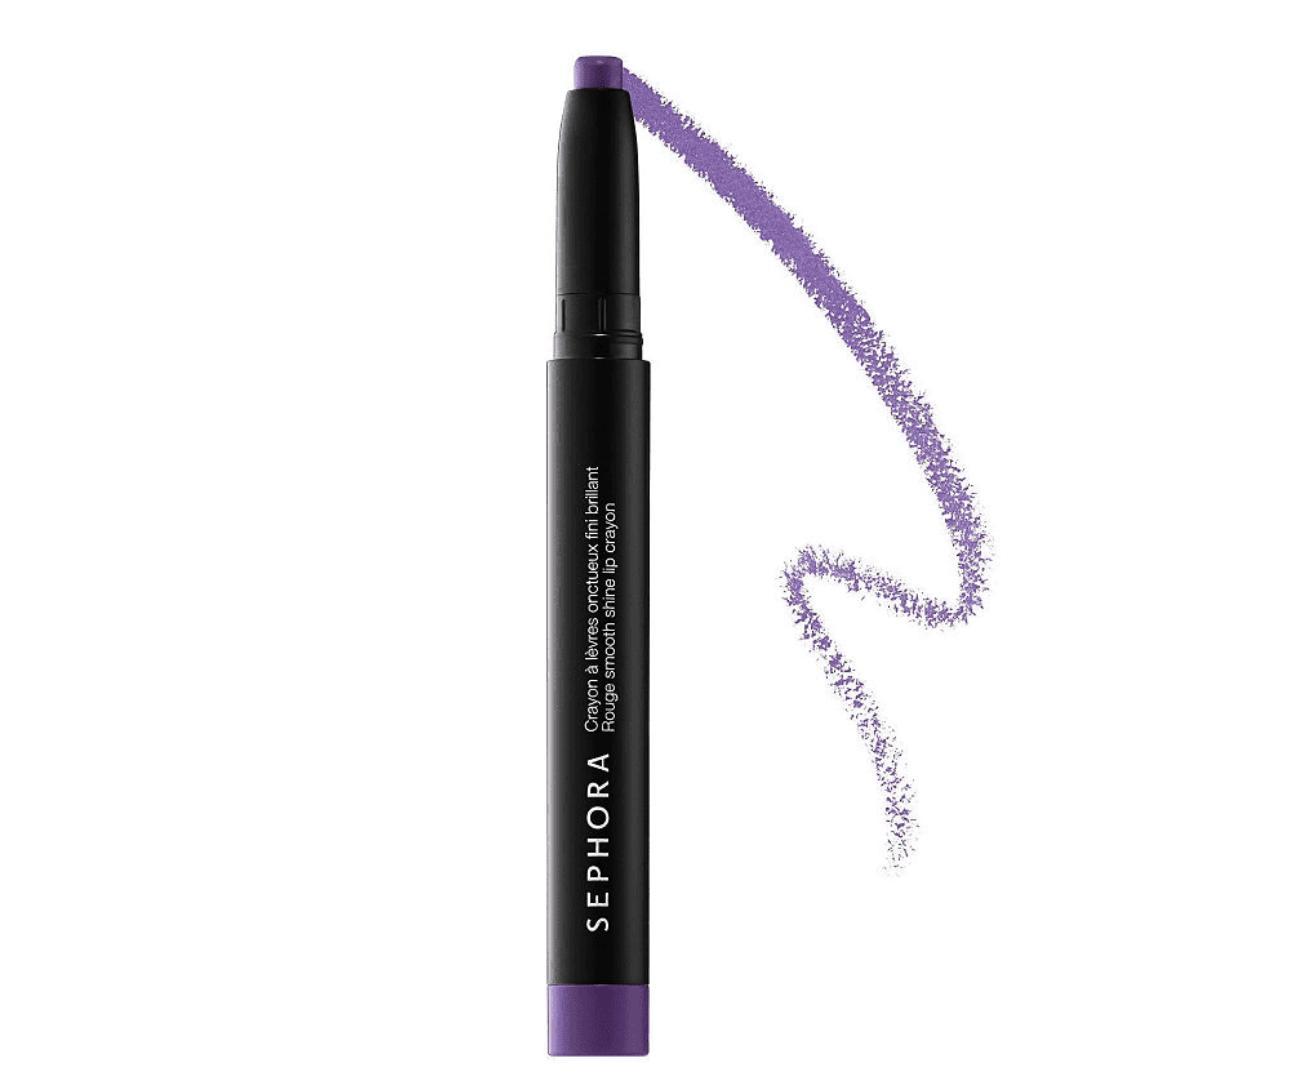 Sephora Rouge Smooth Shine Lip Crayon Drama Club 10